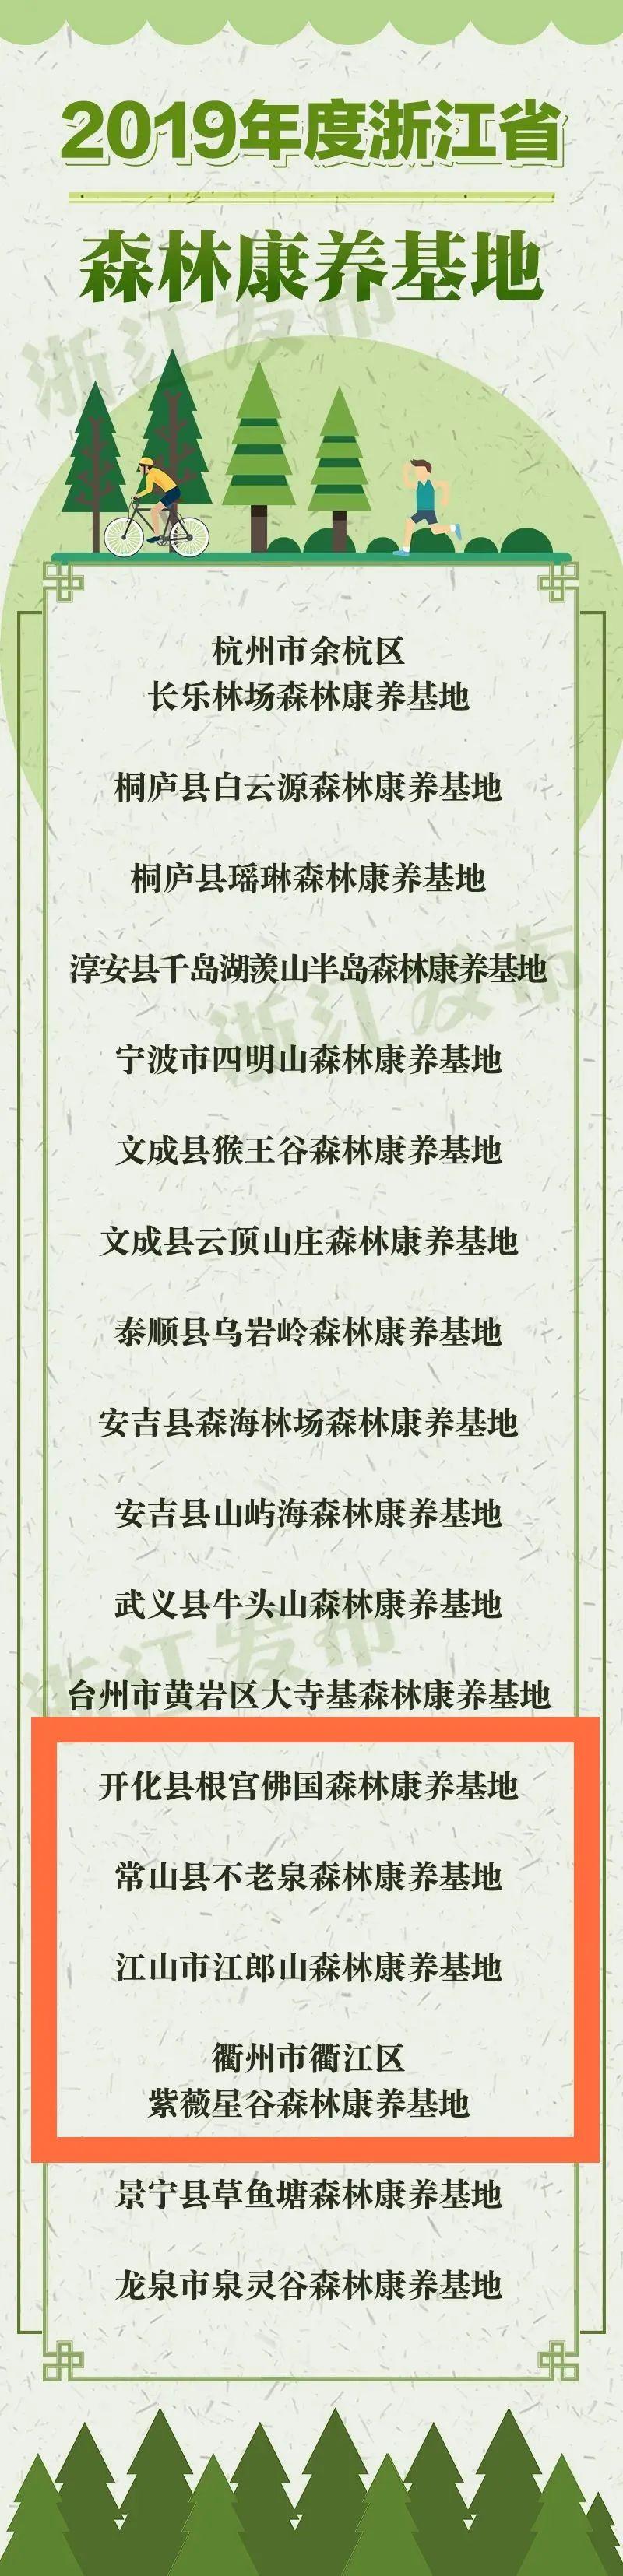 首批省级森林康养基地名单公布,衢州4家入选!离你家近吗?